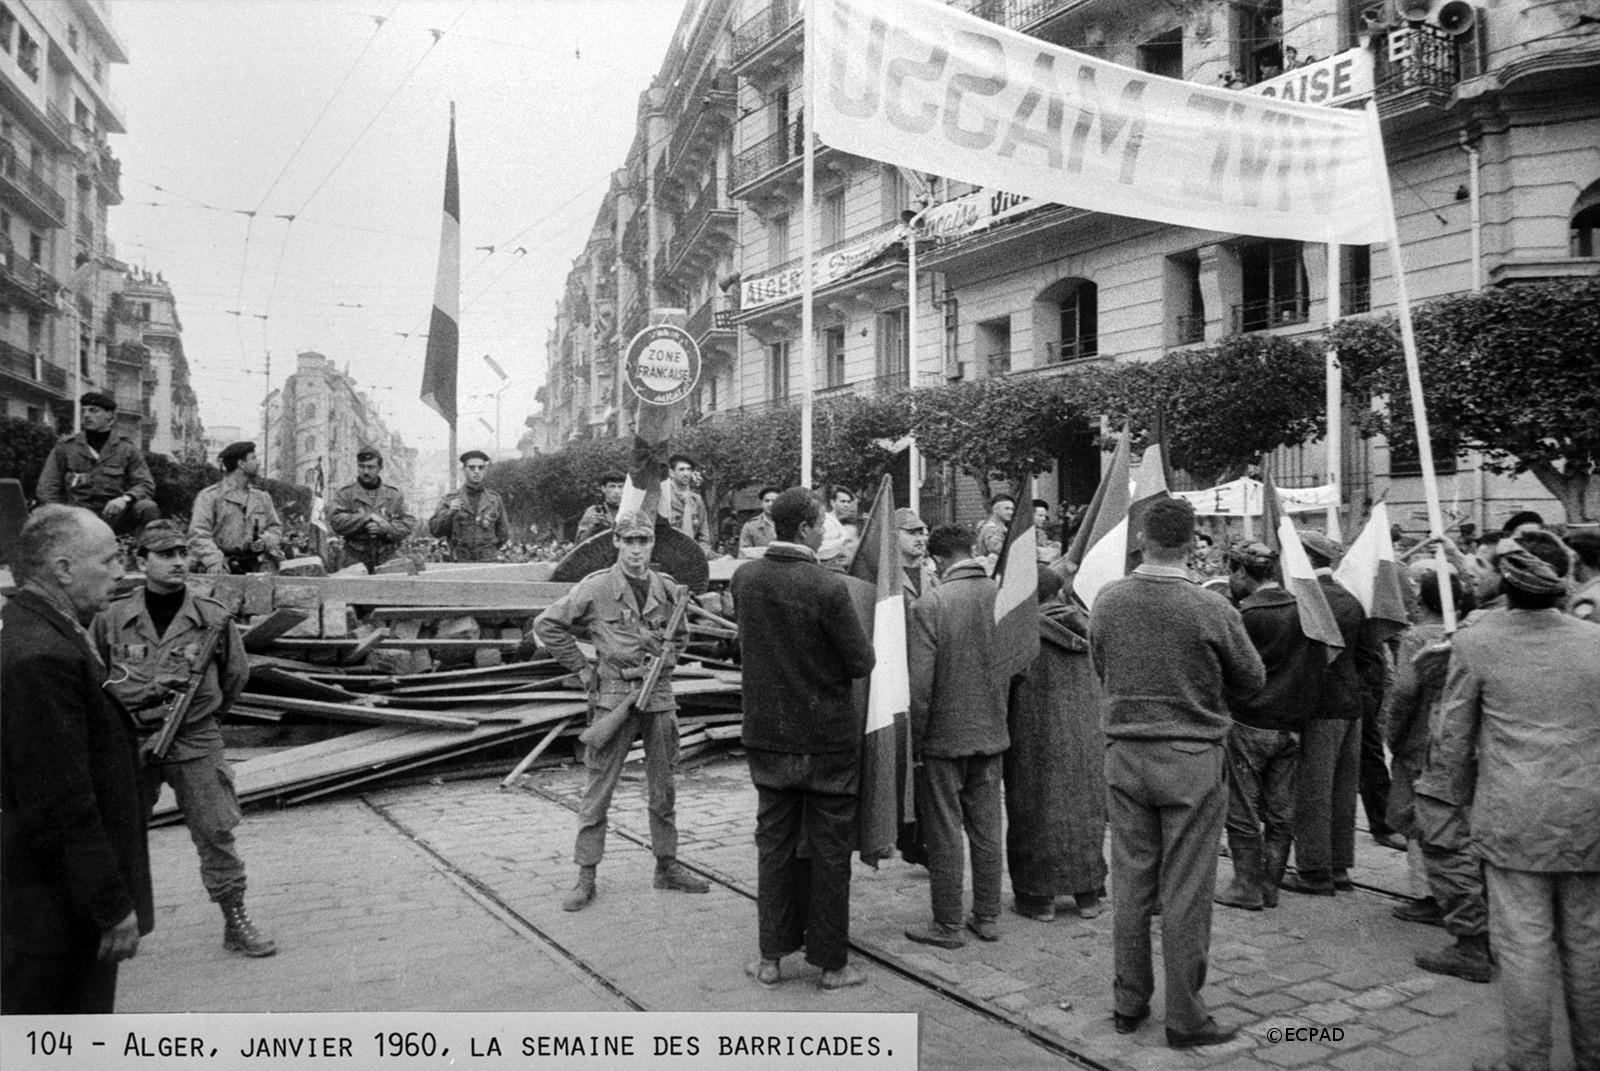 24/01-02/02/1960 : Semaine des barricades à Alger